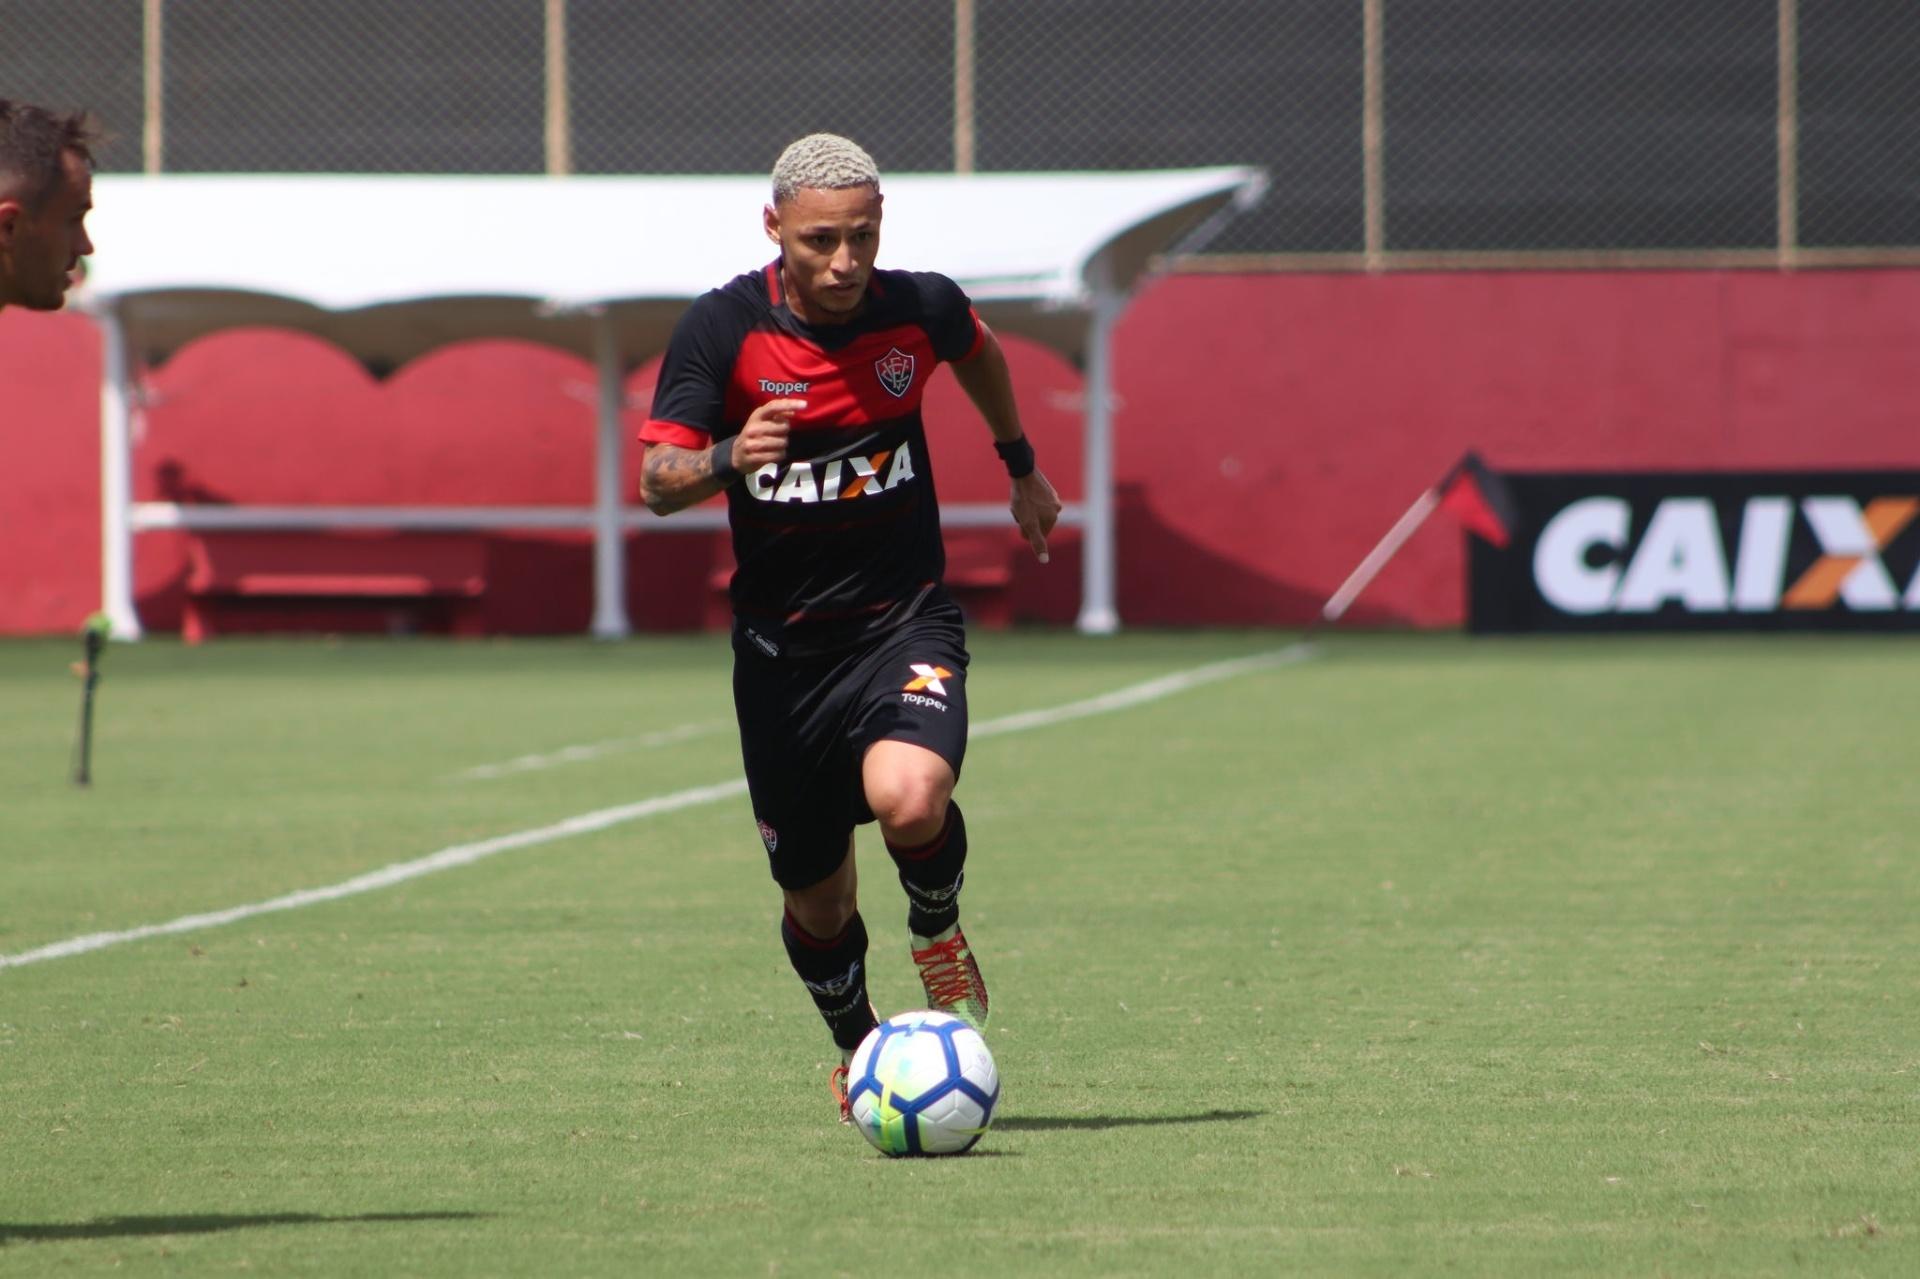 7caf501198 Vitória aceita negociar Neilton com Inter e aguarda contato oficial -  12 12 2018 - UOL Esporte